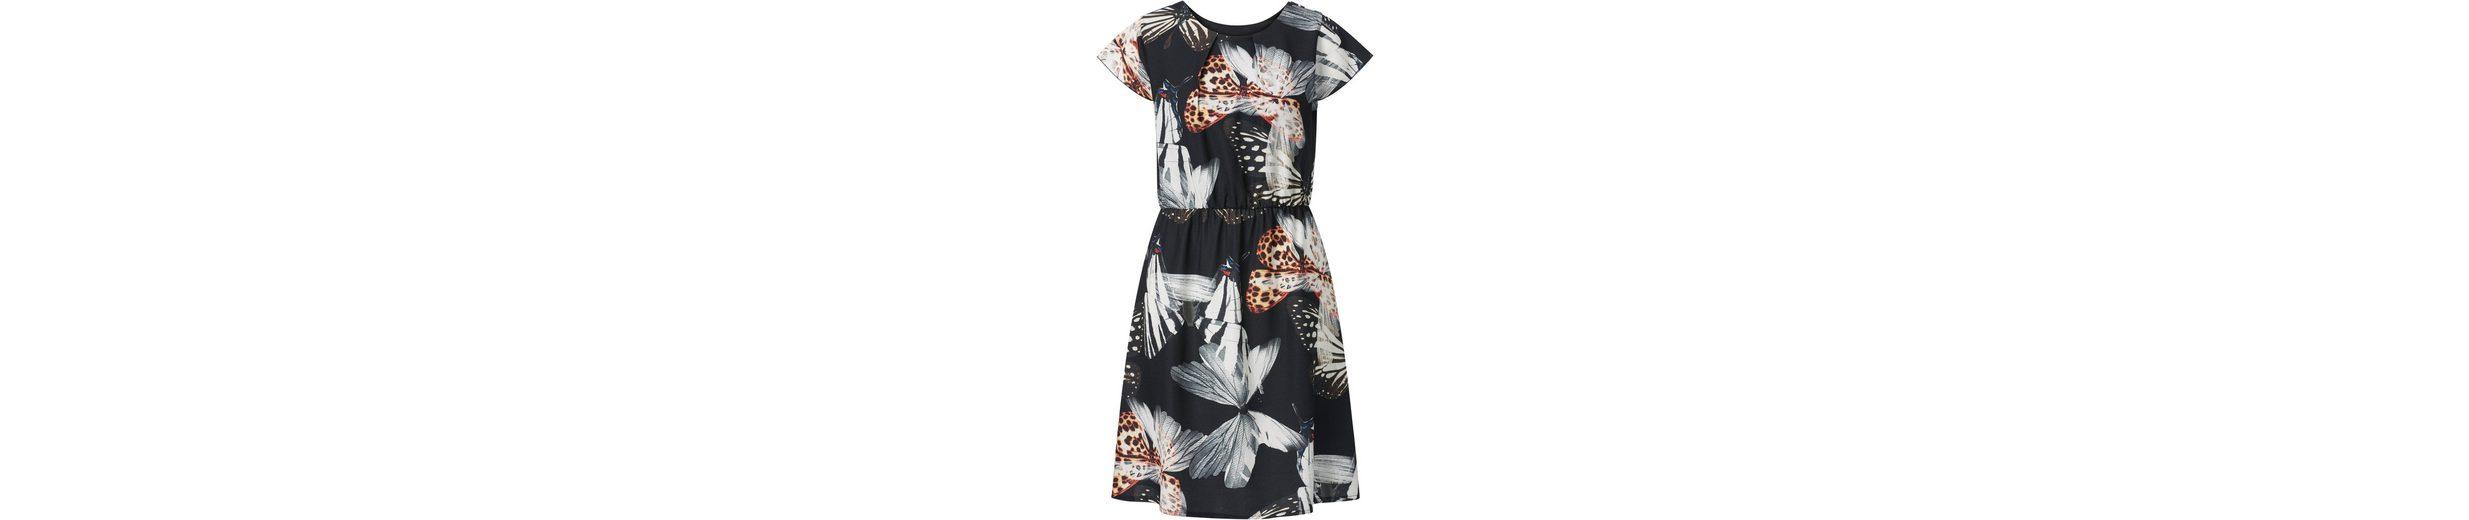 Création L Kleid mit leicht ausgestelltem Rock Tolle xmAco9y5eB